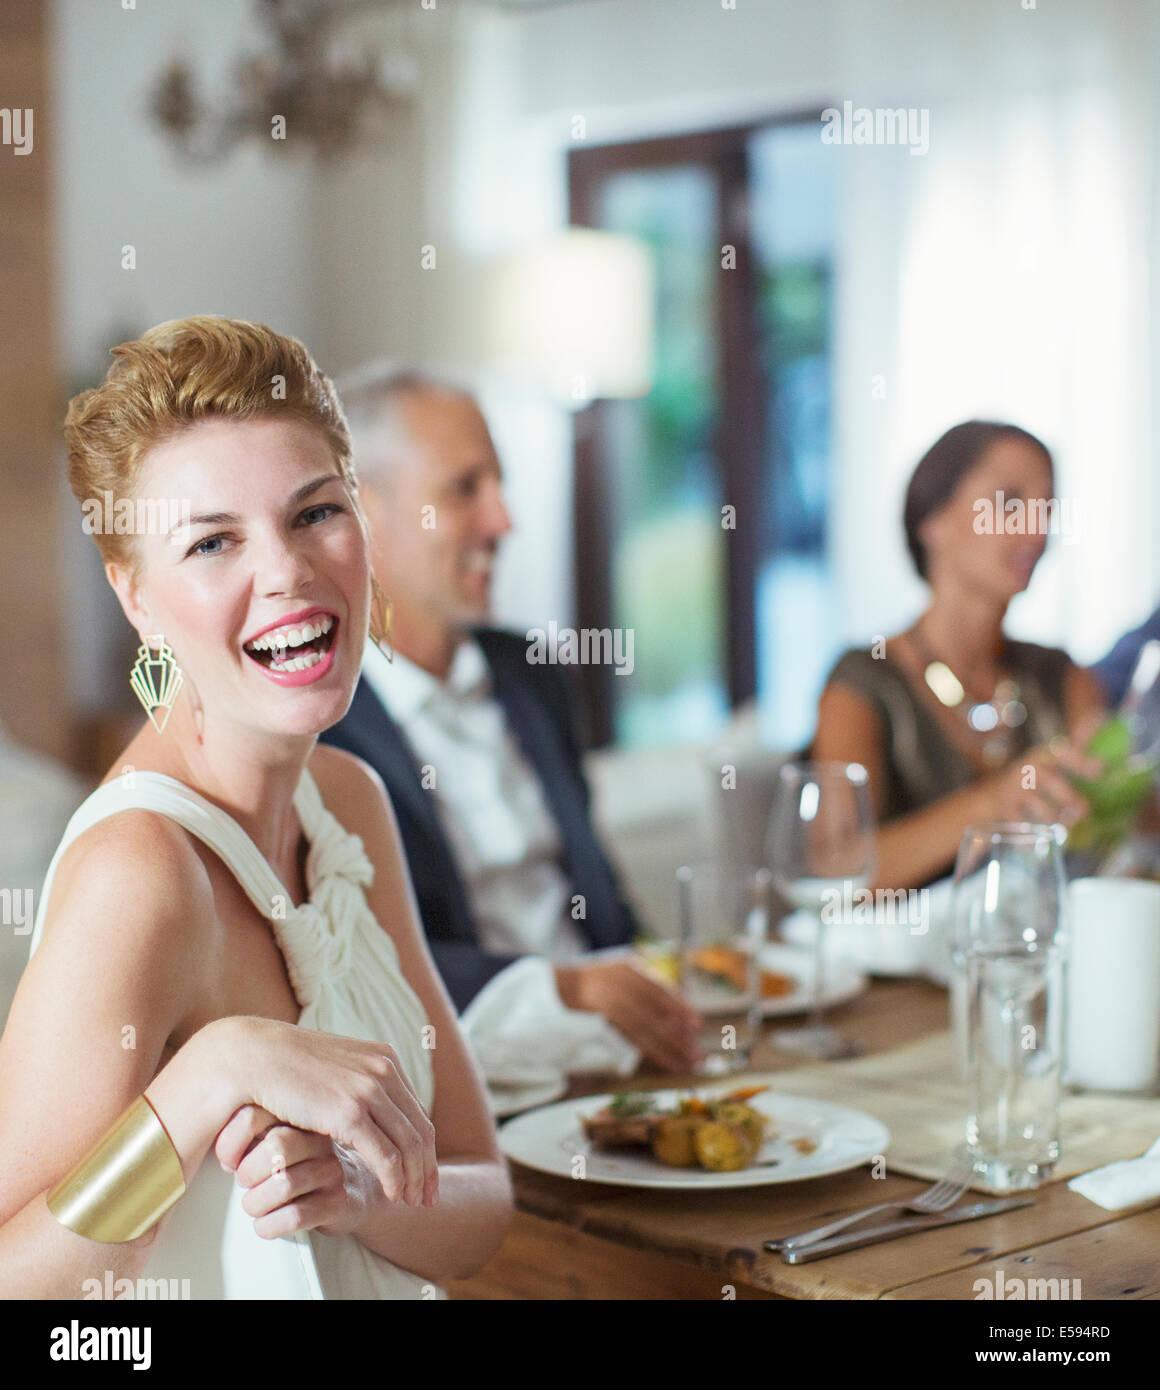 Mujer reírse de la cena Foto de stock